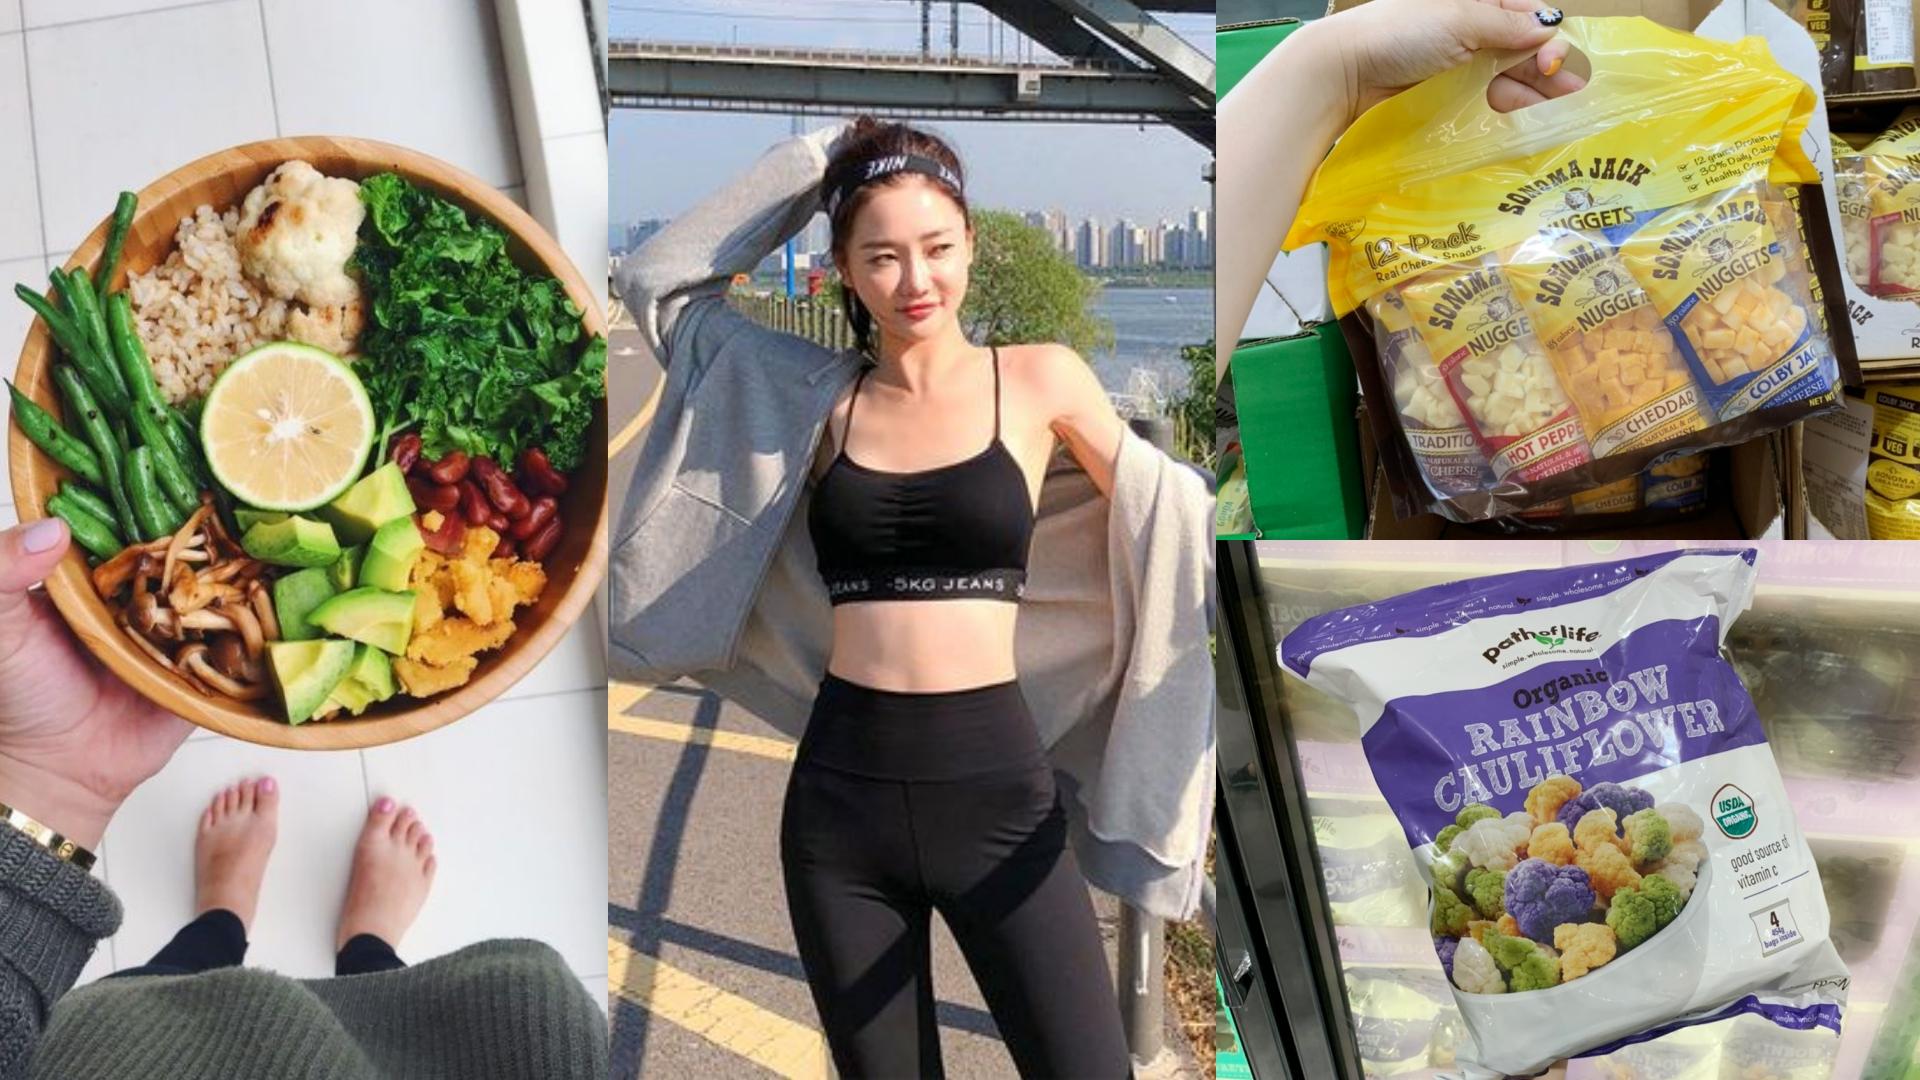 想做減肥餐不用早起去市場,超市大賣場就有很多方便的減肥神物!